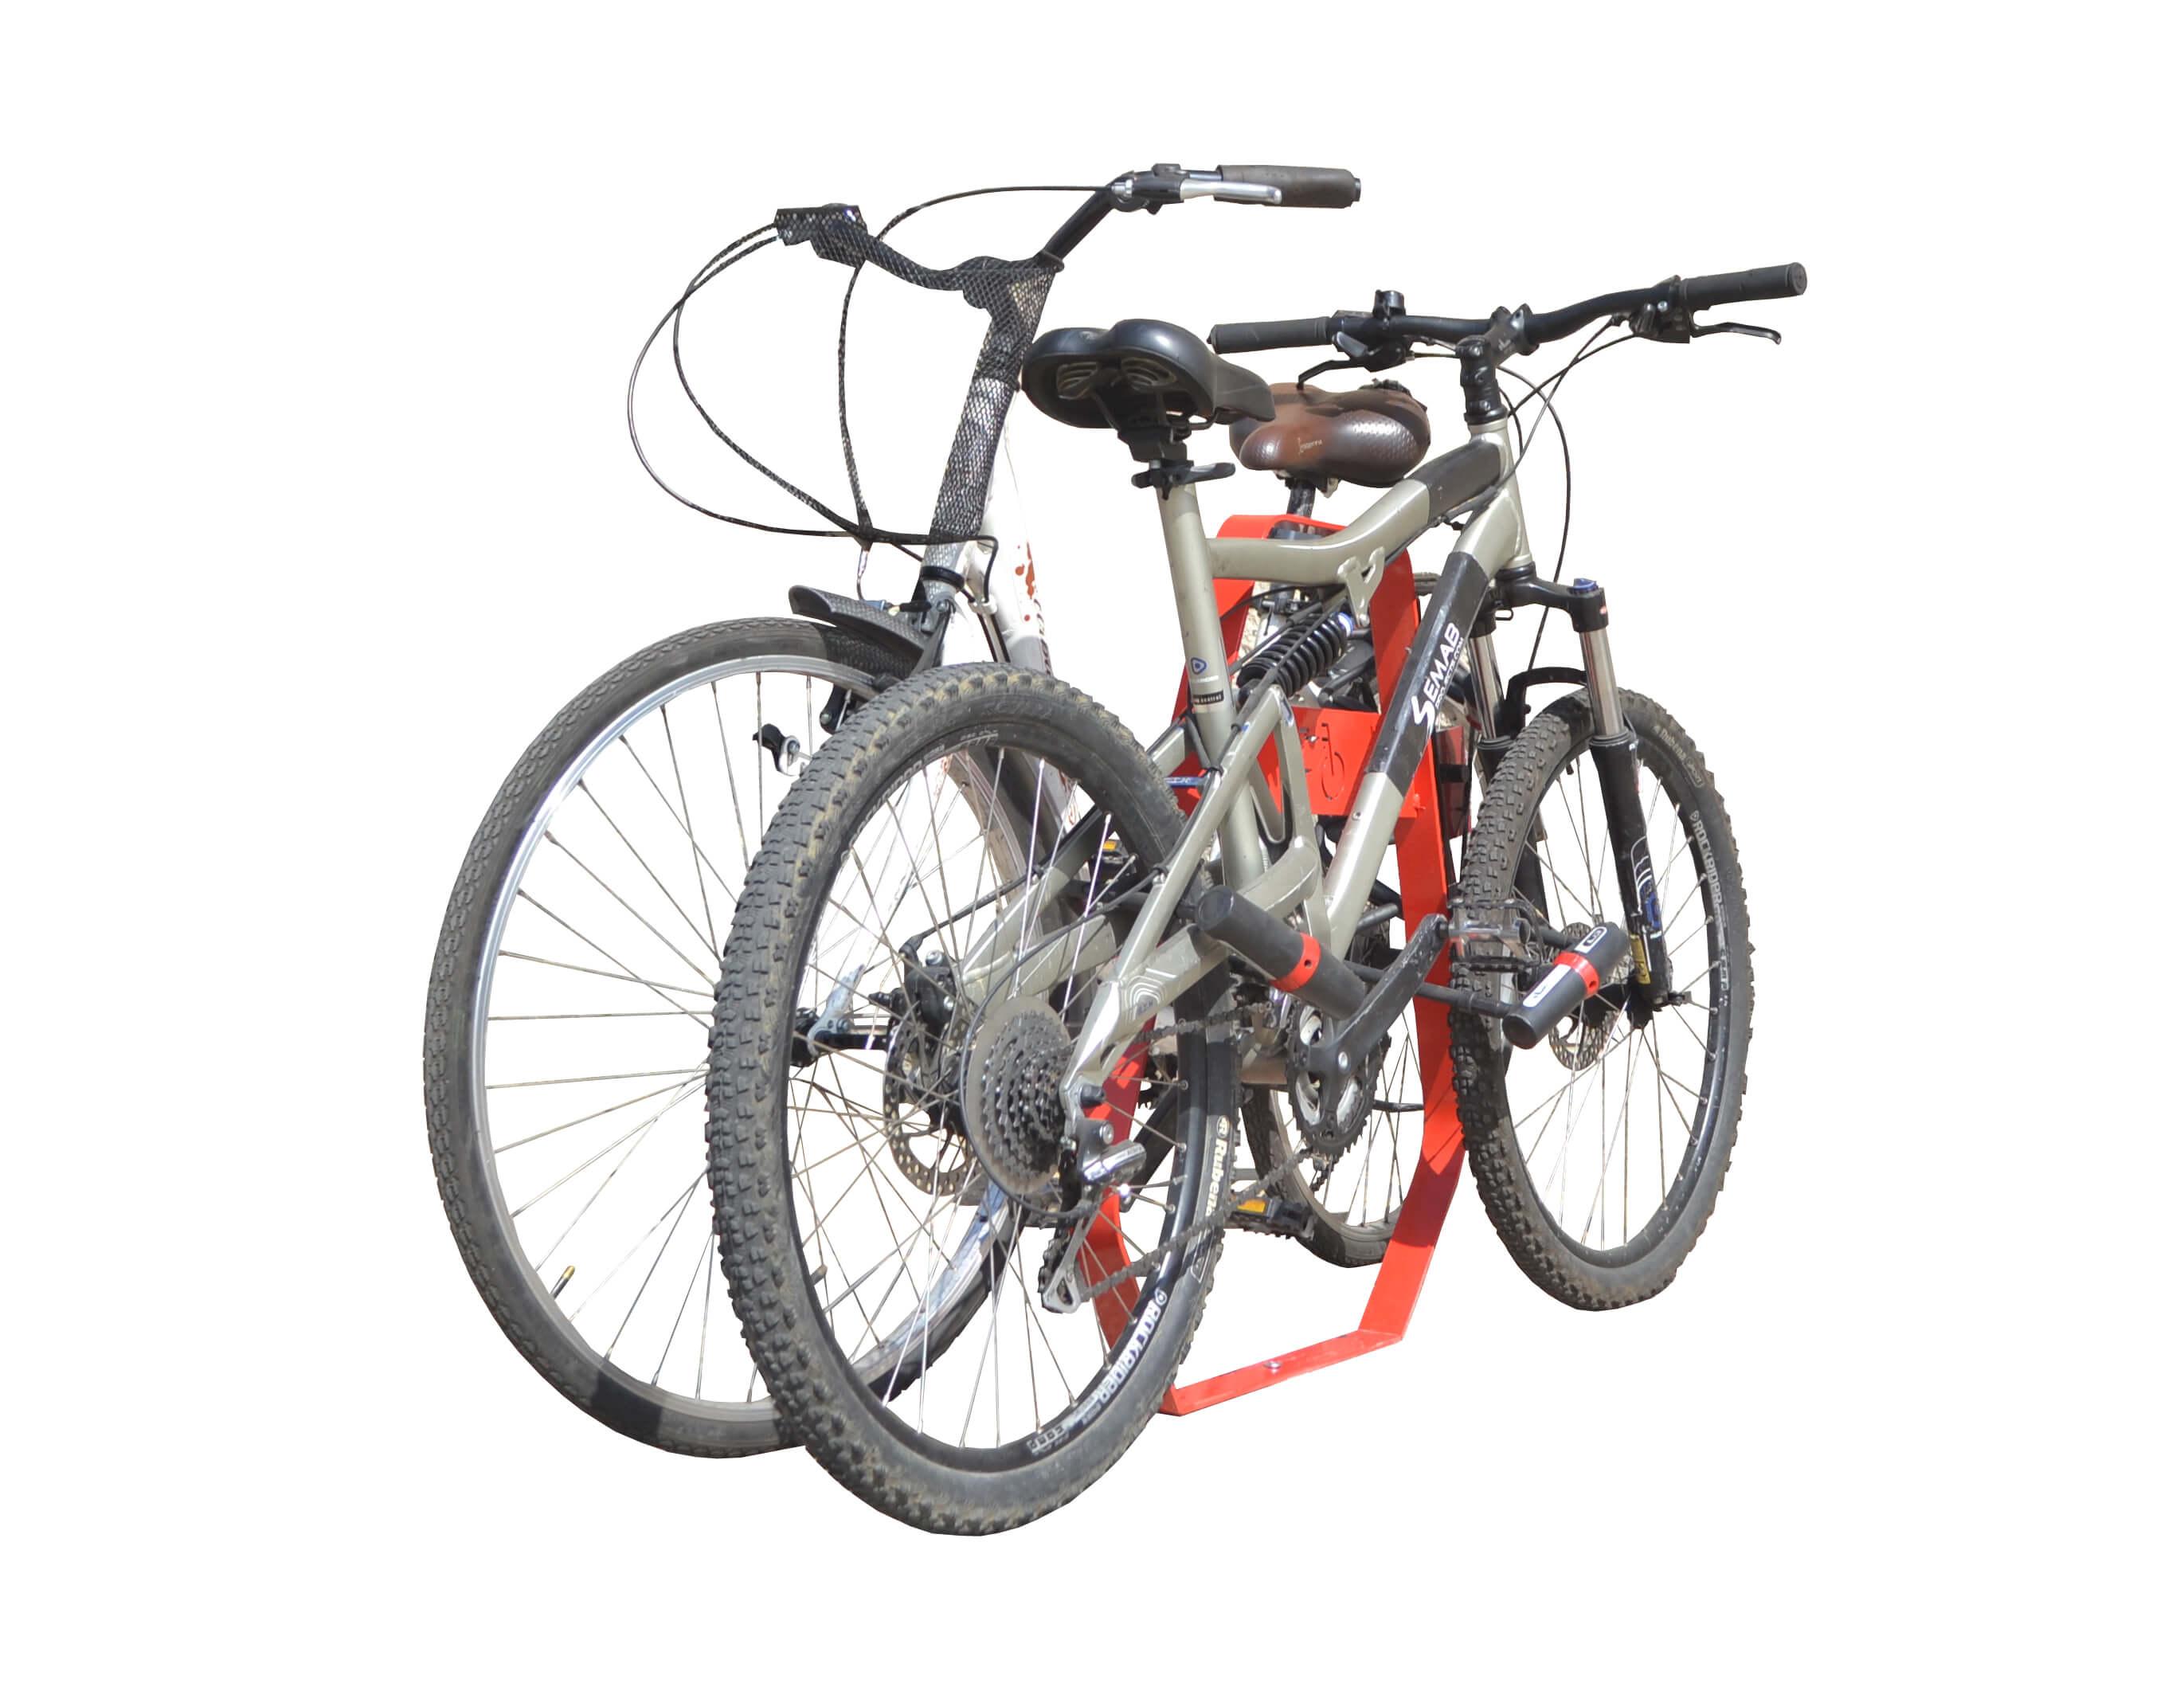 Banyoles fietsbeugel - geschikt voor ieder type fiets